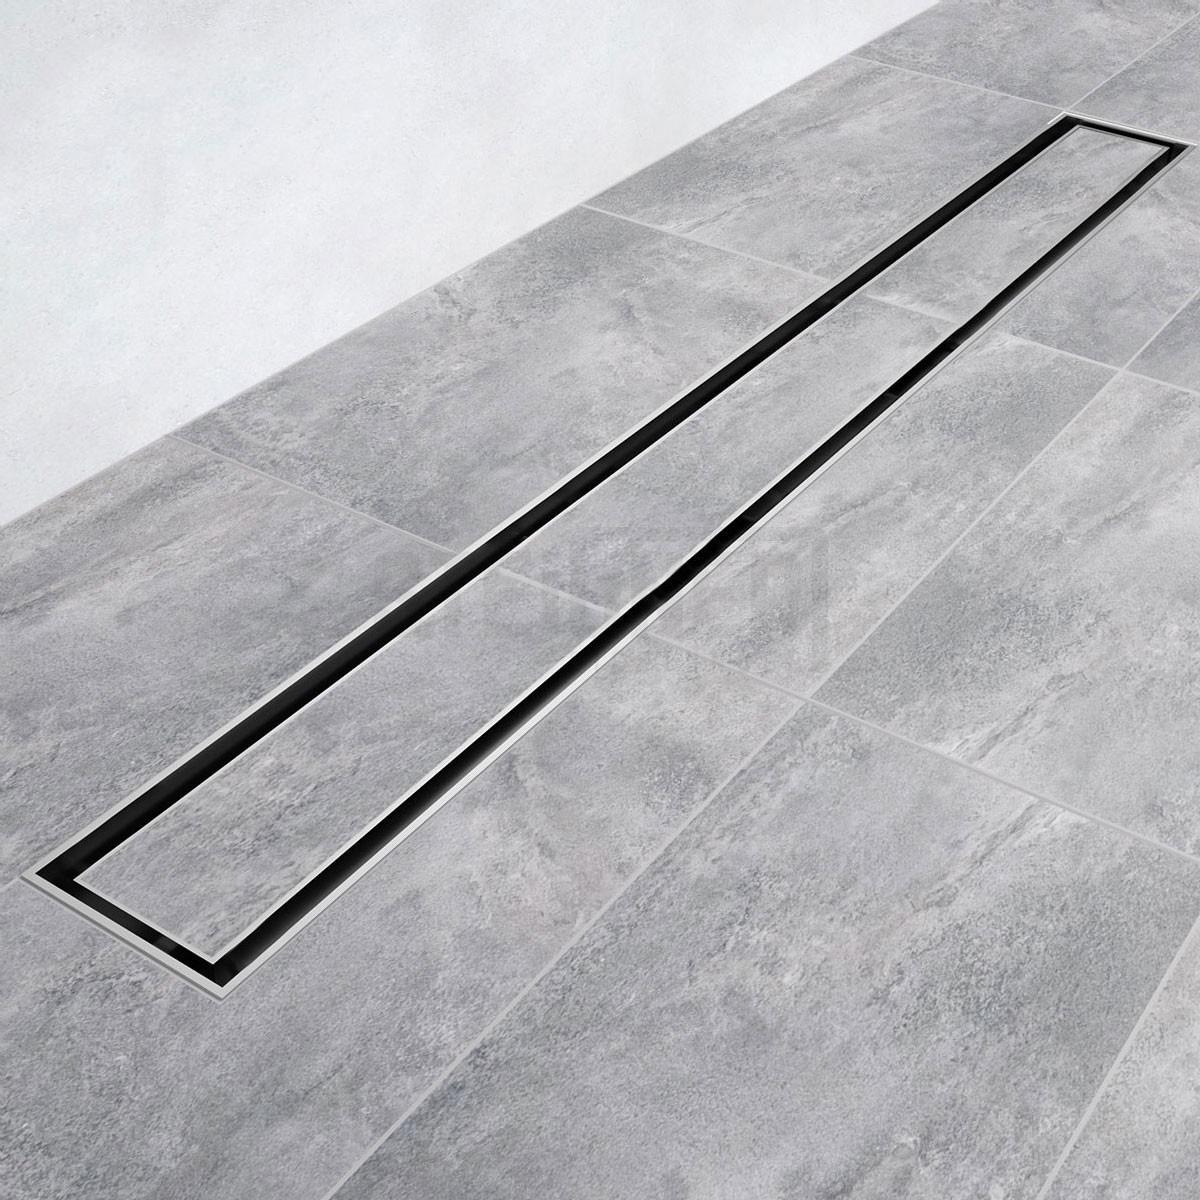 duschelement duschrinne edelstahl siphon ablaufrinne. Black Bedroom Furniture Sets. Home Design Ideas